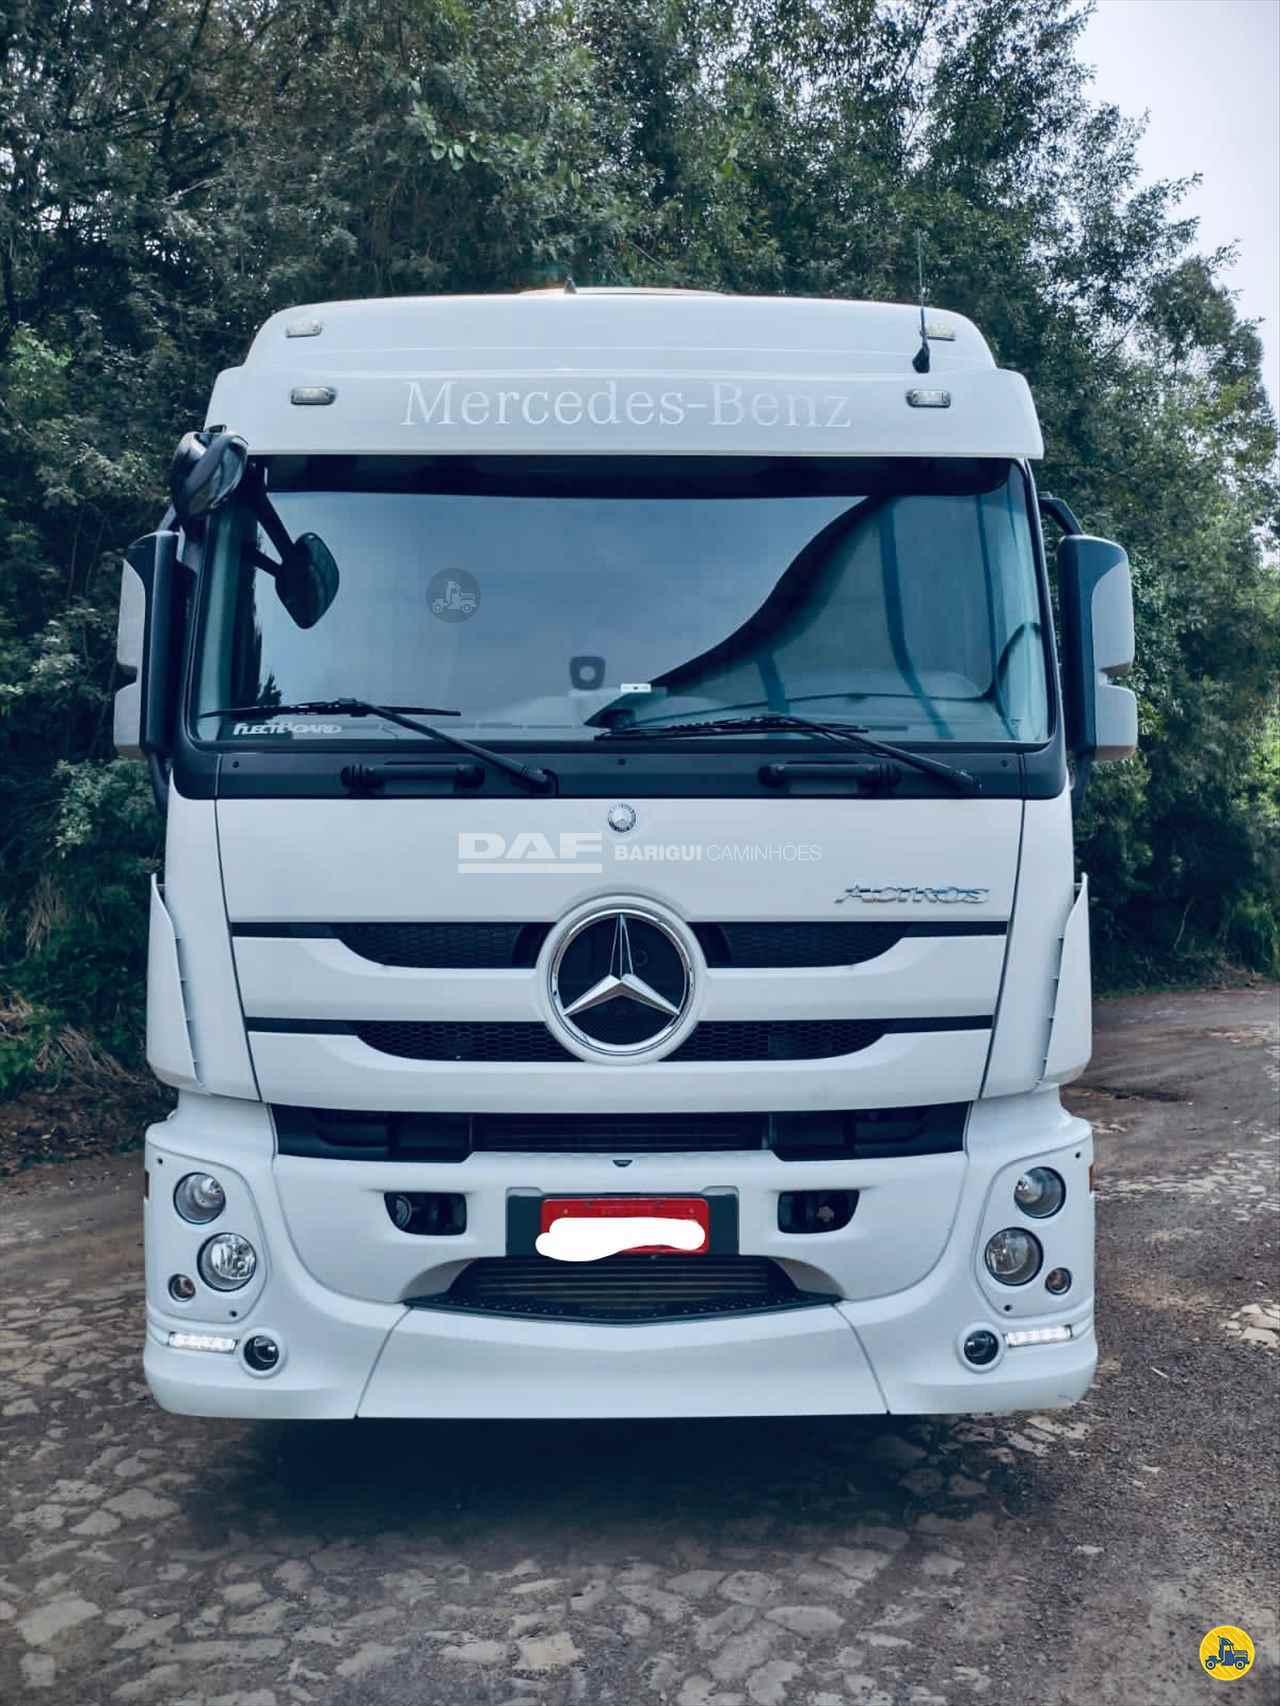 CAMINHAO MERCEDES-BENZ MB 2546 Chassis Truck 6x2 DAF Barigui Chapecó (Cordilheira Alta) CORDILHEIRA ALTA SANTA CATARINA SC